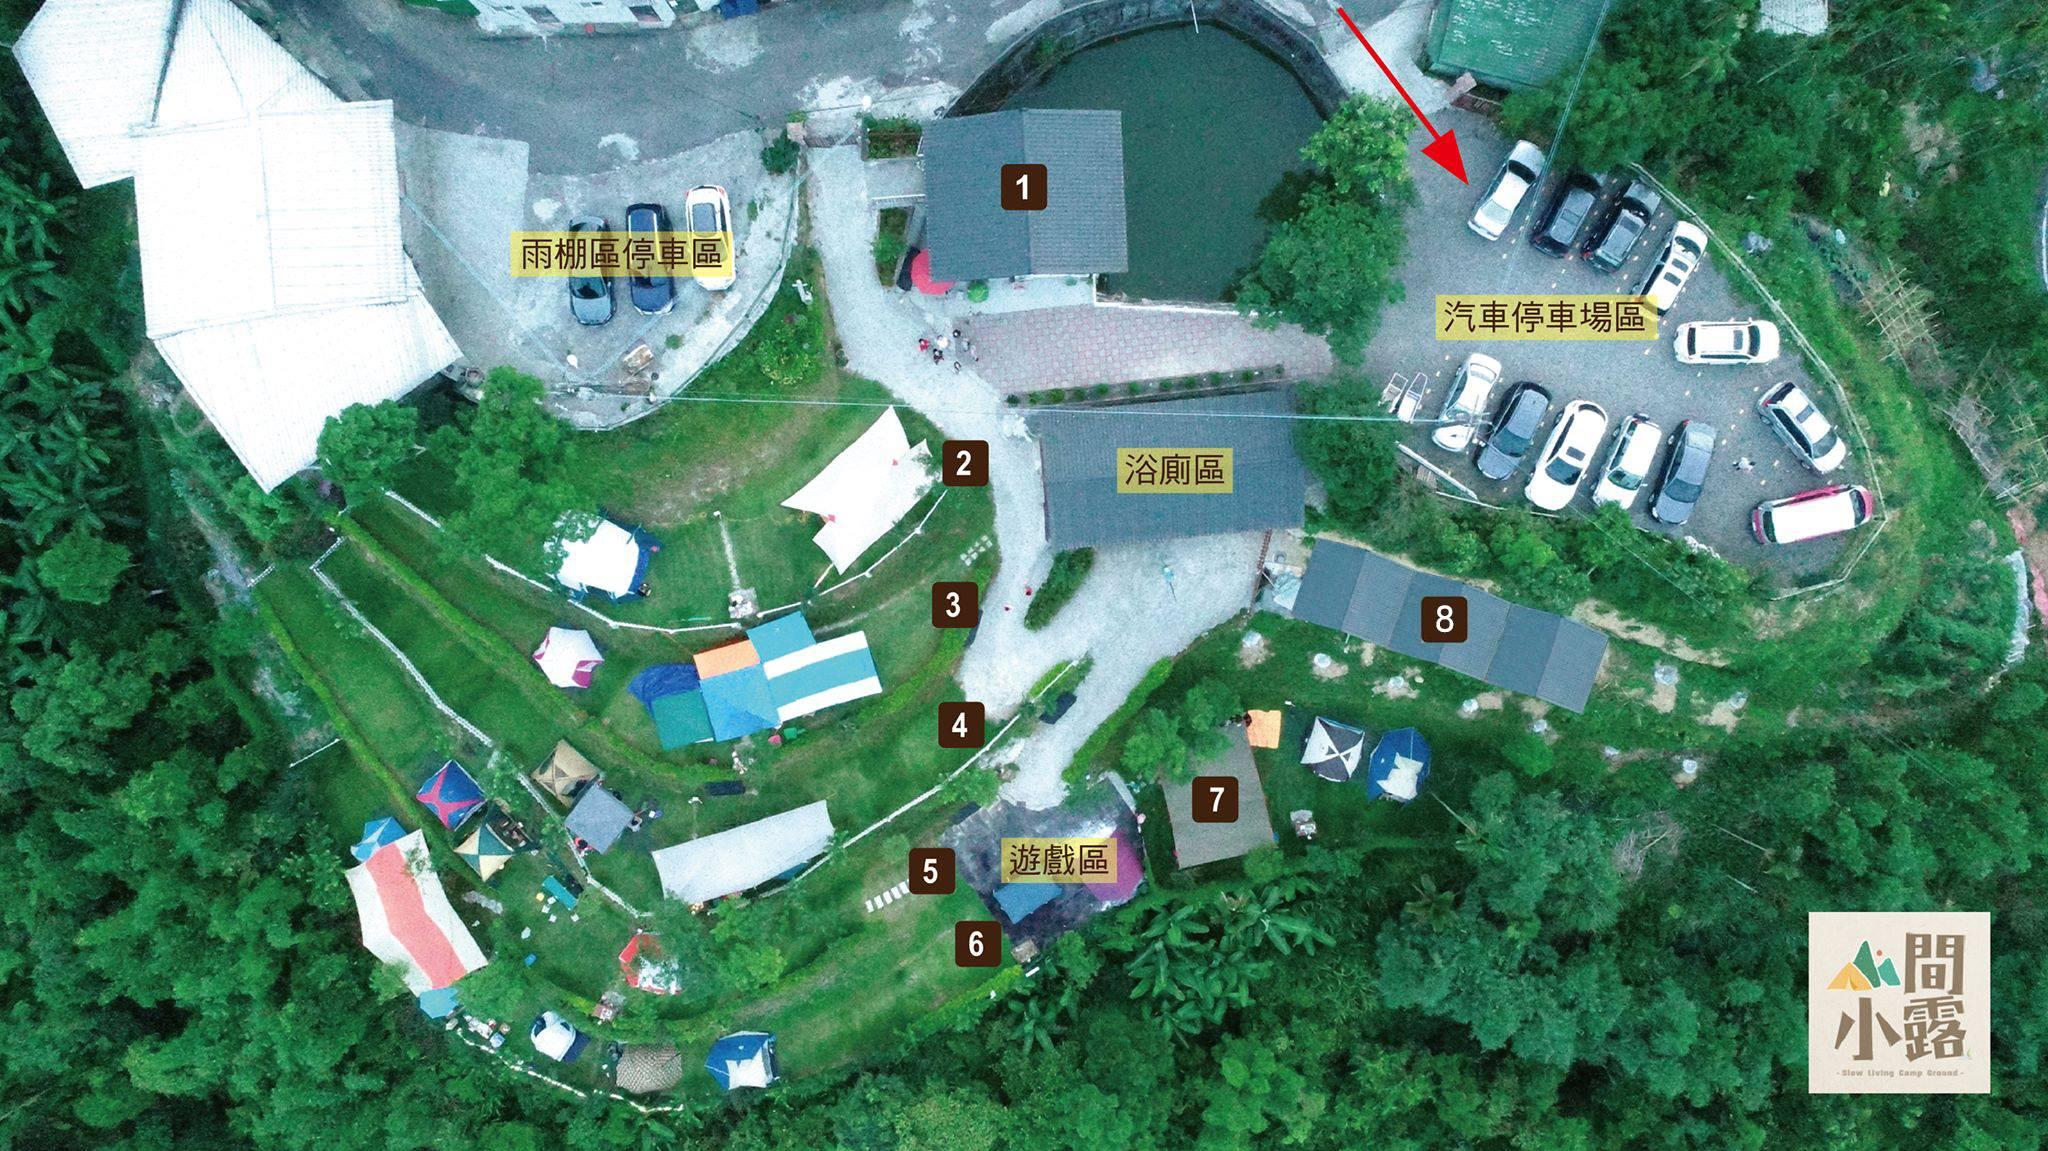 新北市營區推薦│小而美「山間小露」,有戲水池、沙坑還有池塘餵魚,營本部提供披薩、鬆餅、冷熱飲